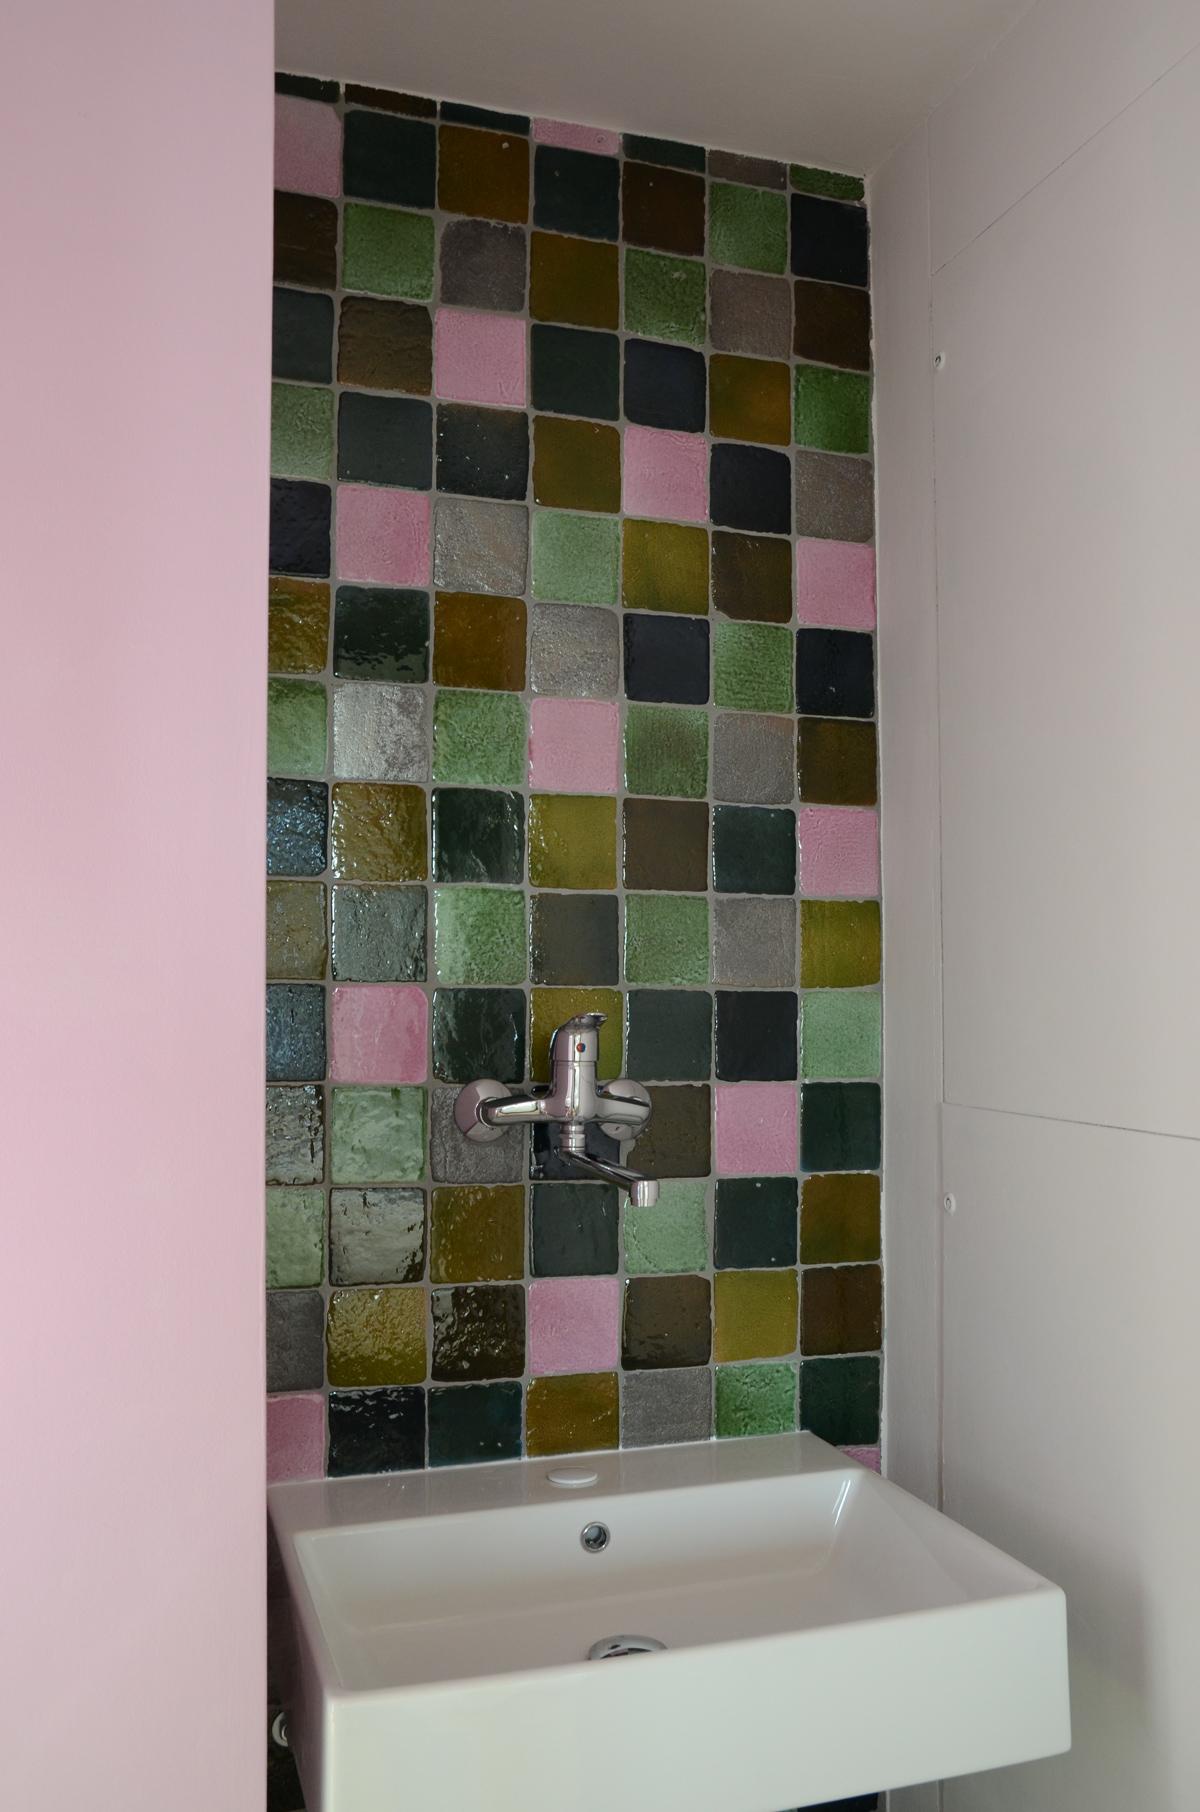 7ee21f29a3 Bagno in cotto: idee per pavimenti, rivestimenti, maioliche - Bernasconi